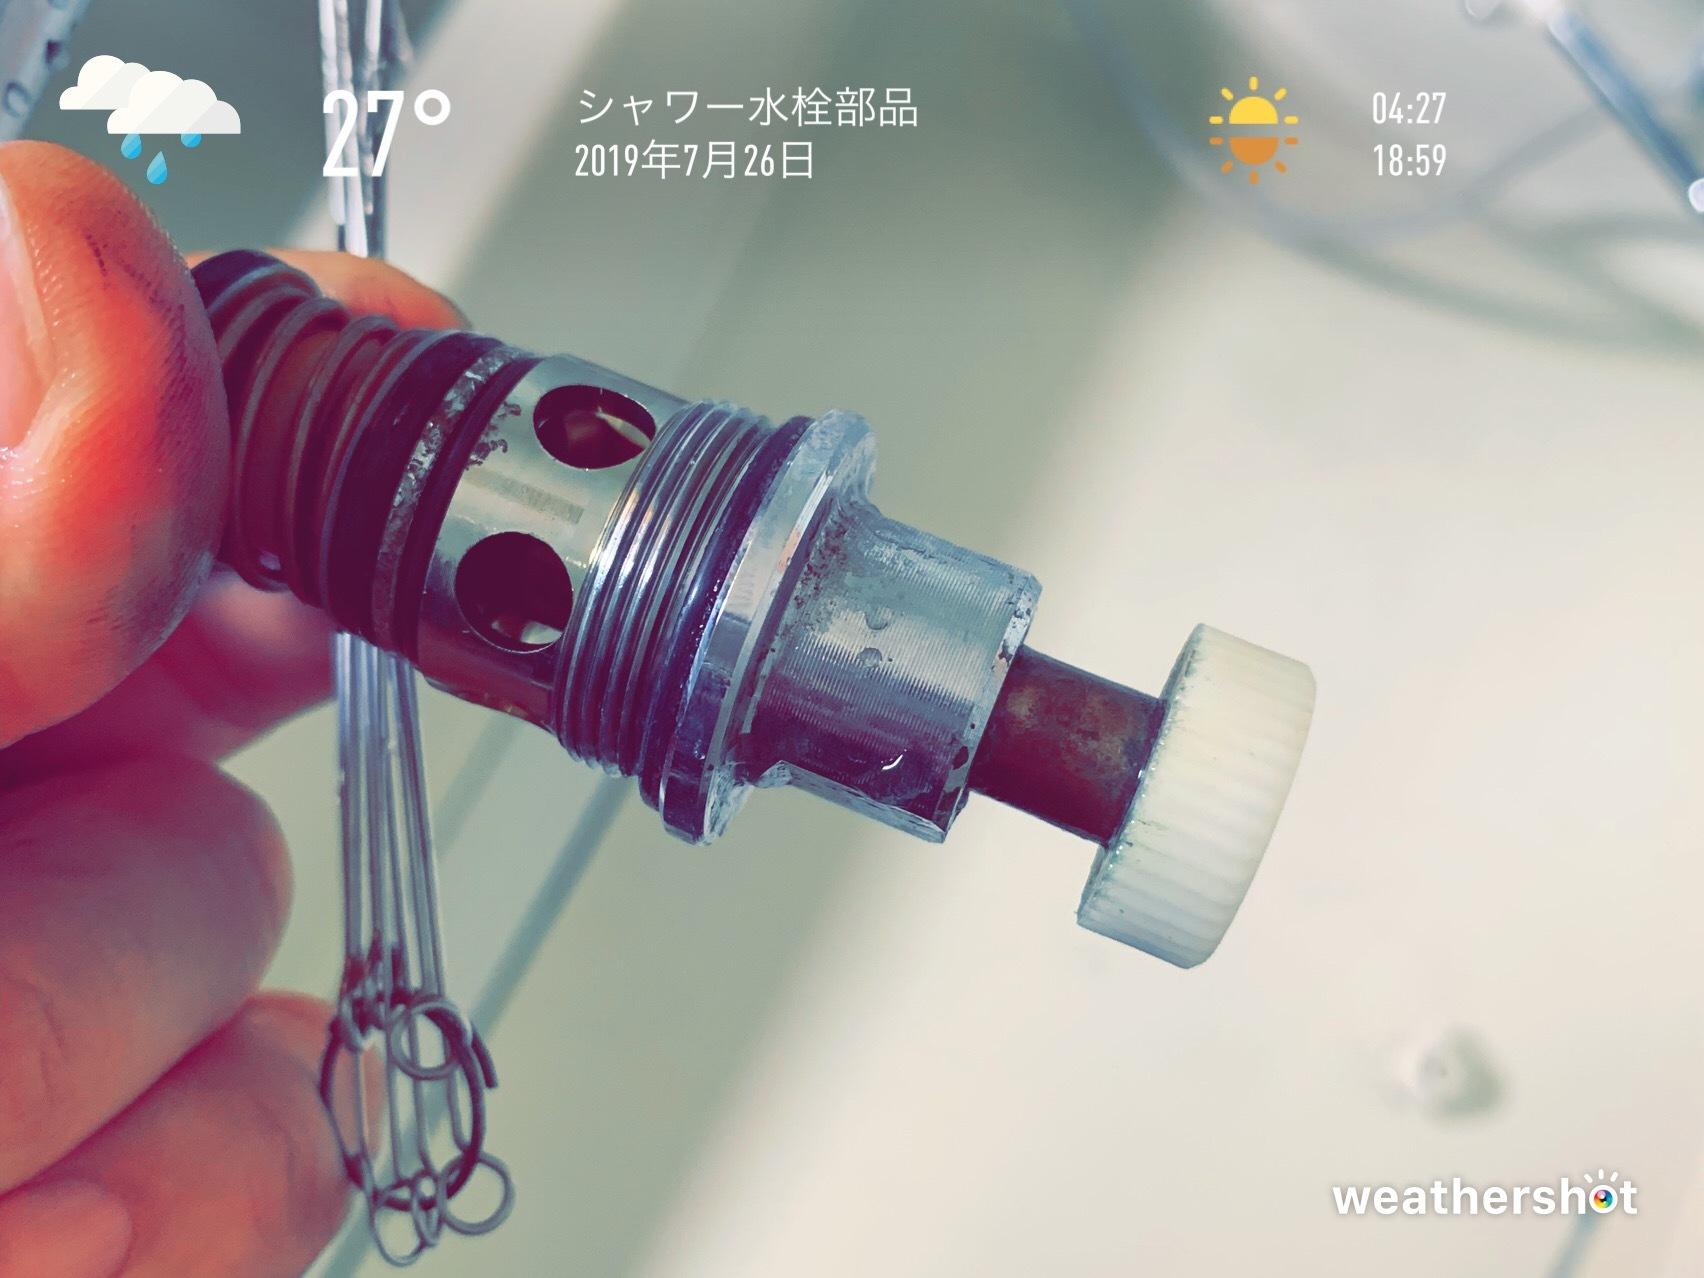 2019/7/26 水栓部品_f0116421_21192376.jpeg